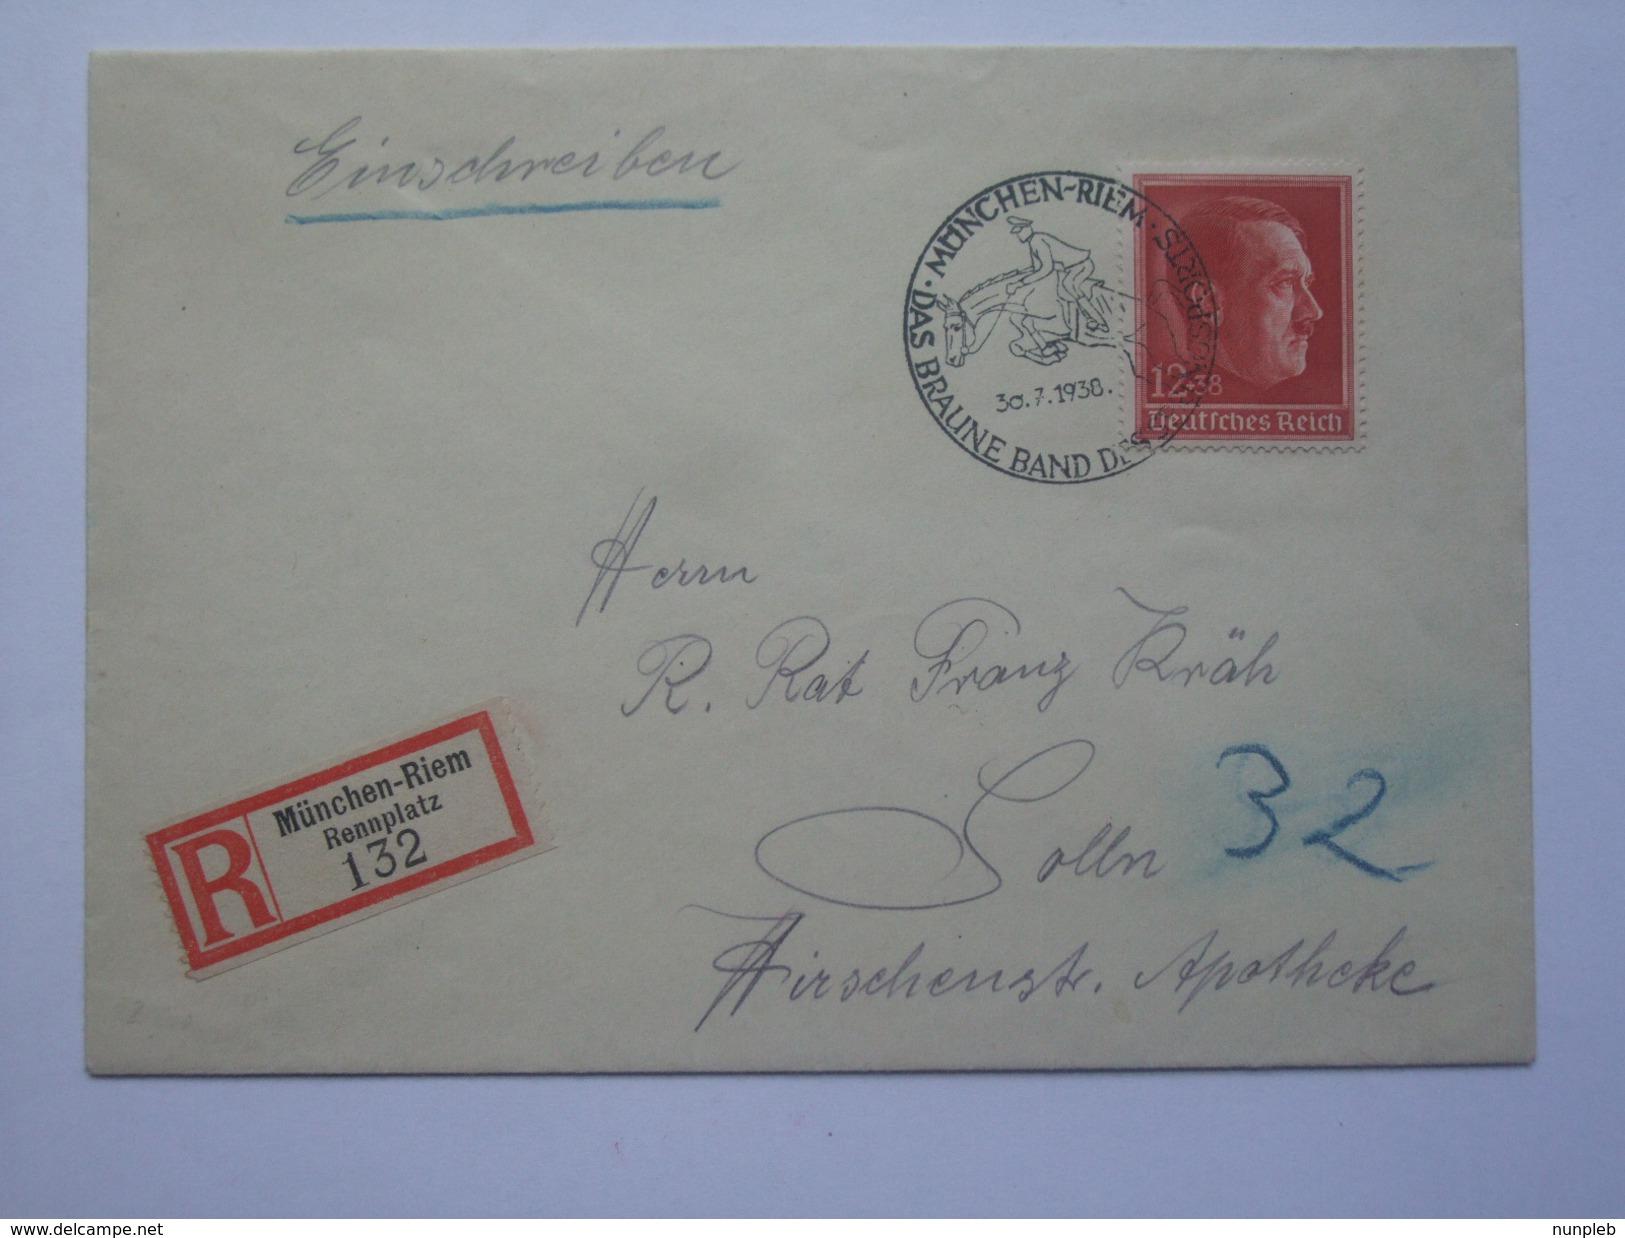 GERMANY 1938 COVER REGISTERED MUNCHEN-RIEM MIT MUNCHEN-RIEM DAS BRAUNE BAND SONDERSTEMPEL TIED WITH SG 652 - Allemagne